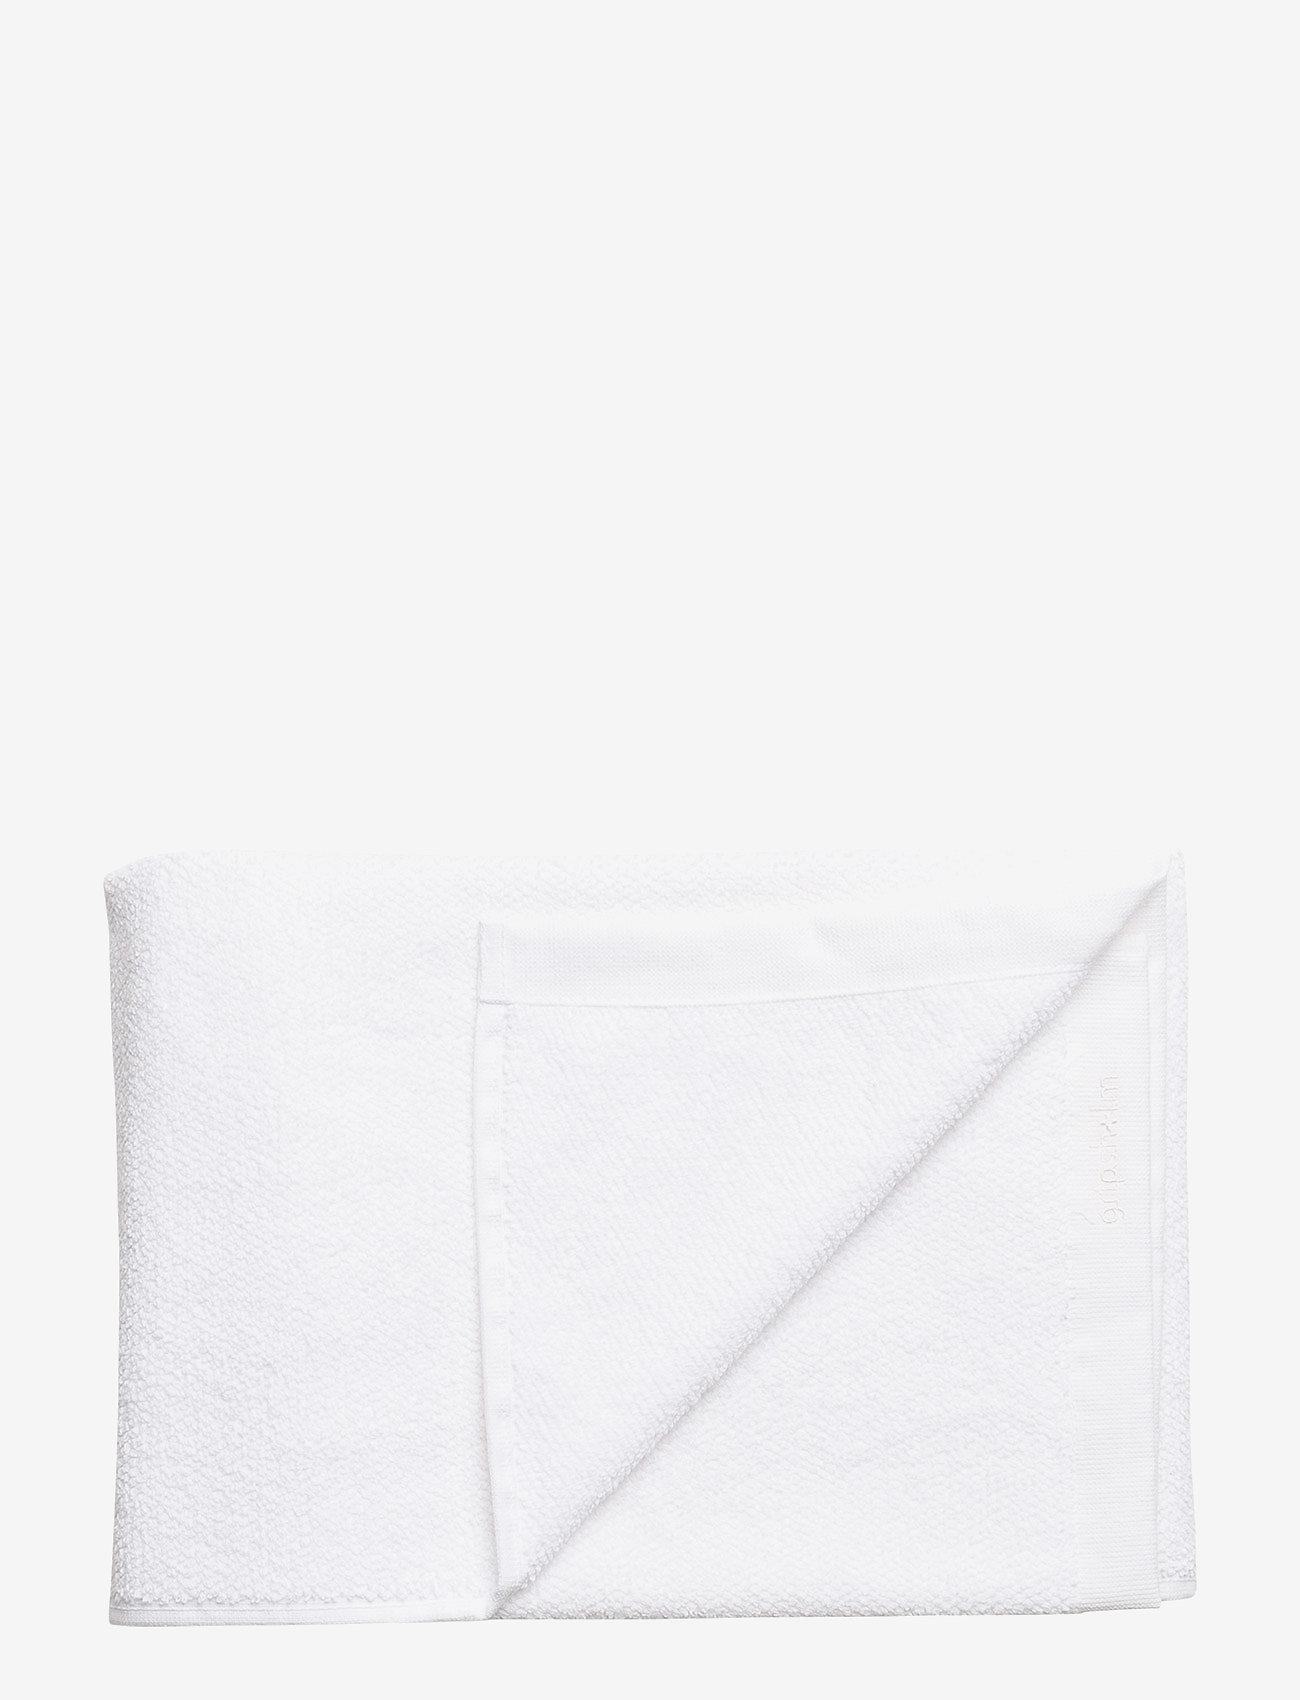 Gripsholm - BATH TOWEL COTTON LINEN - towels - white - 1